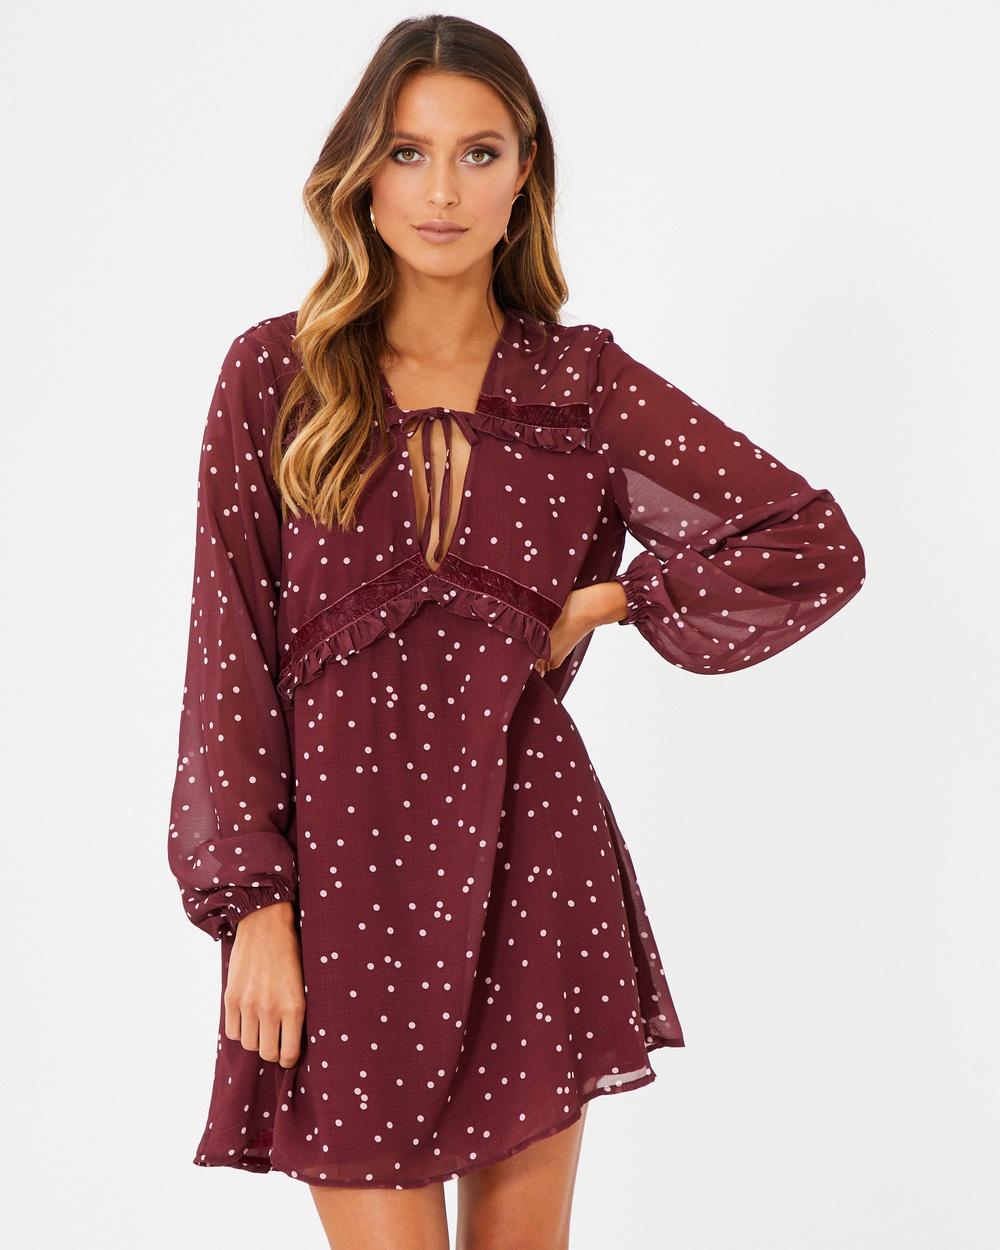 Calli Otavia Shift Dress Printed Dresses Burgundy Polka Dot Otavia Shift Dress